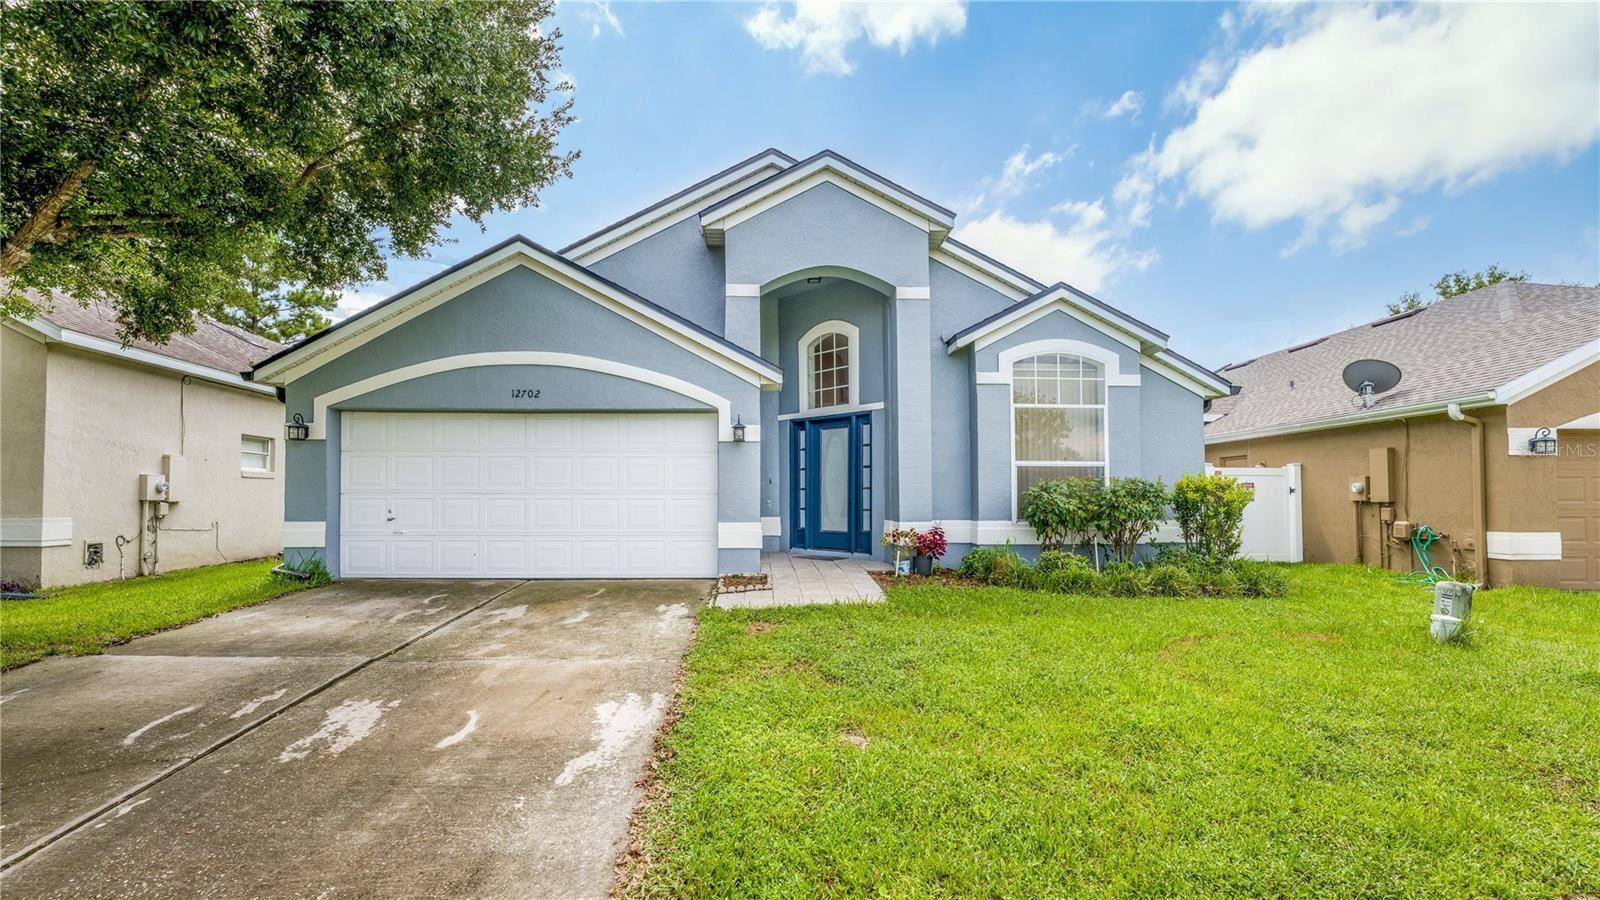 12702 MARIBOU CIRCLE, Orlando, FL 32828 - #: O5975117